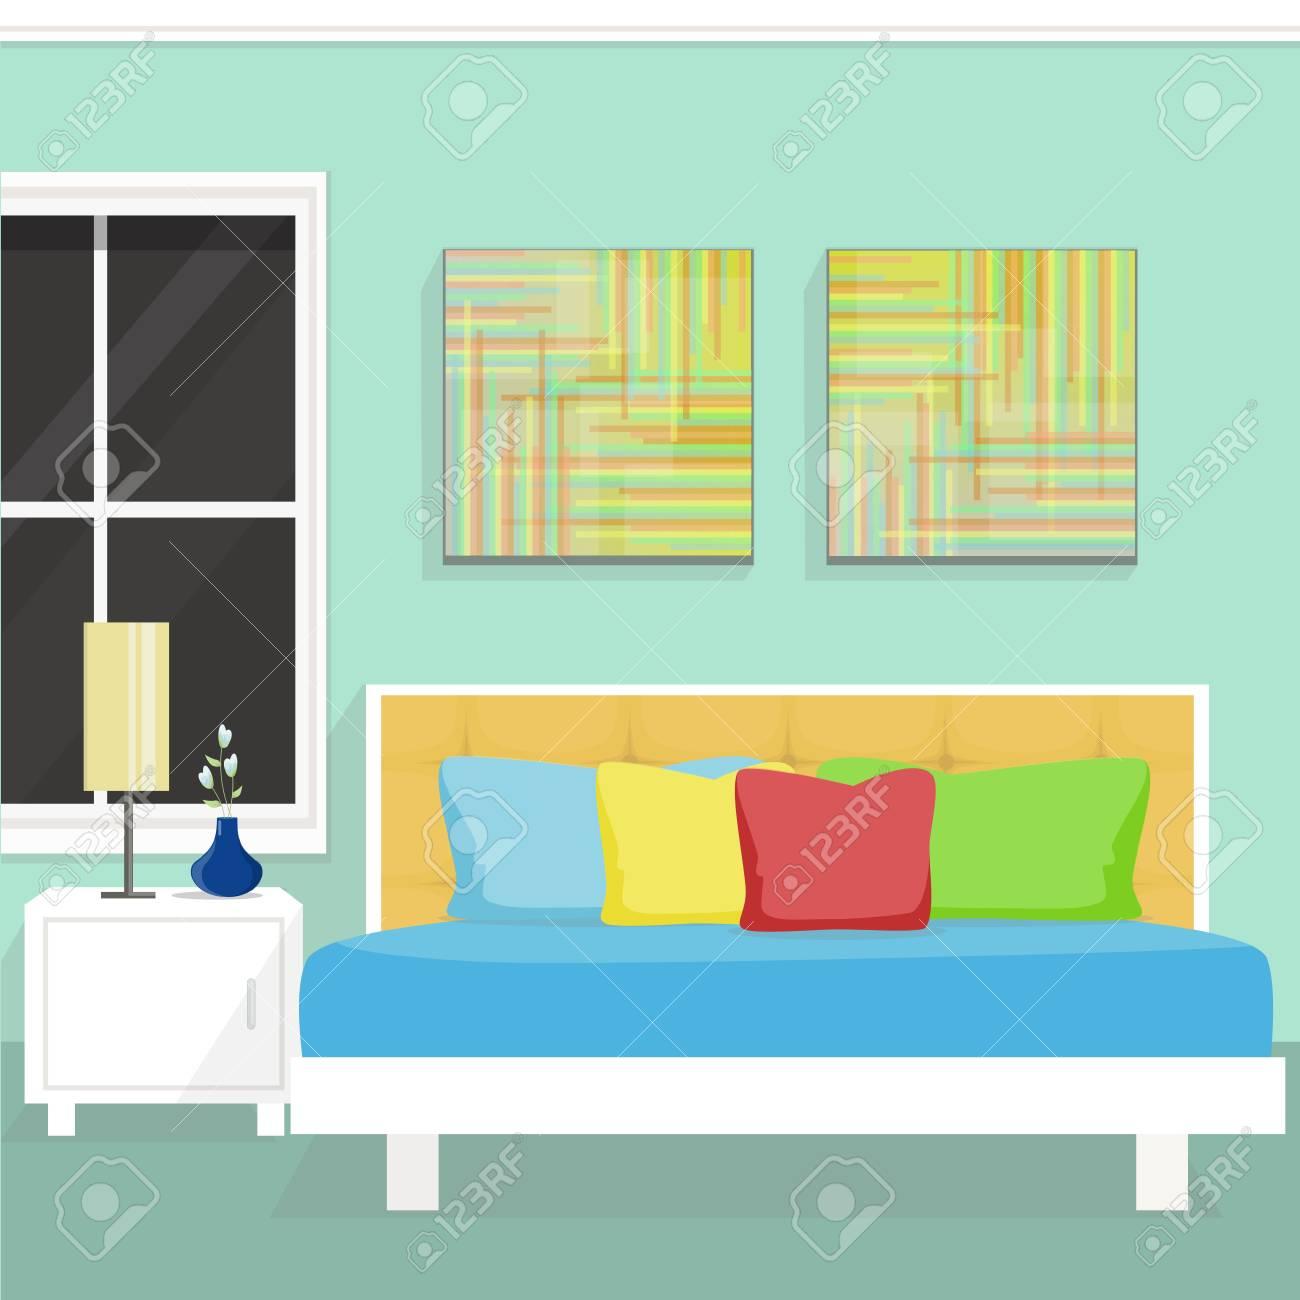 Intérieur De La Chambre à Coucher Avec Fenêtre Tableau Et Peinture Murale Illustration Vectorielle Style Plat